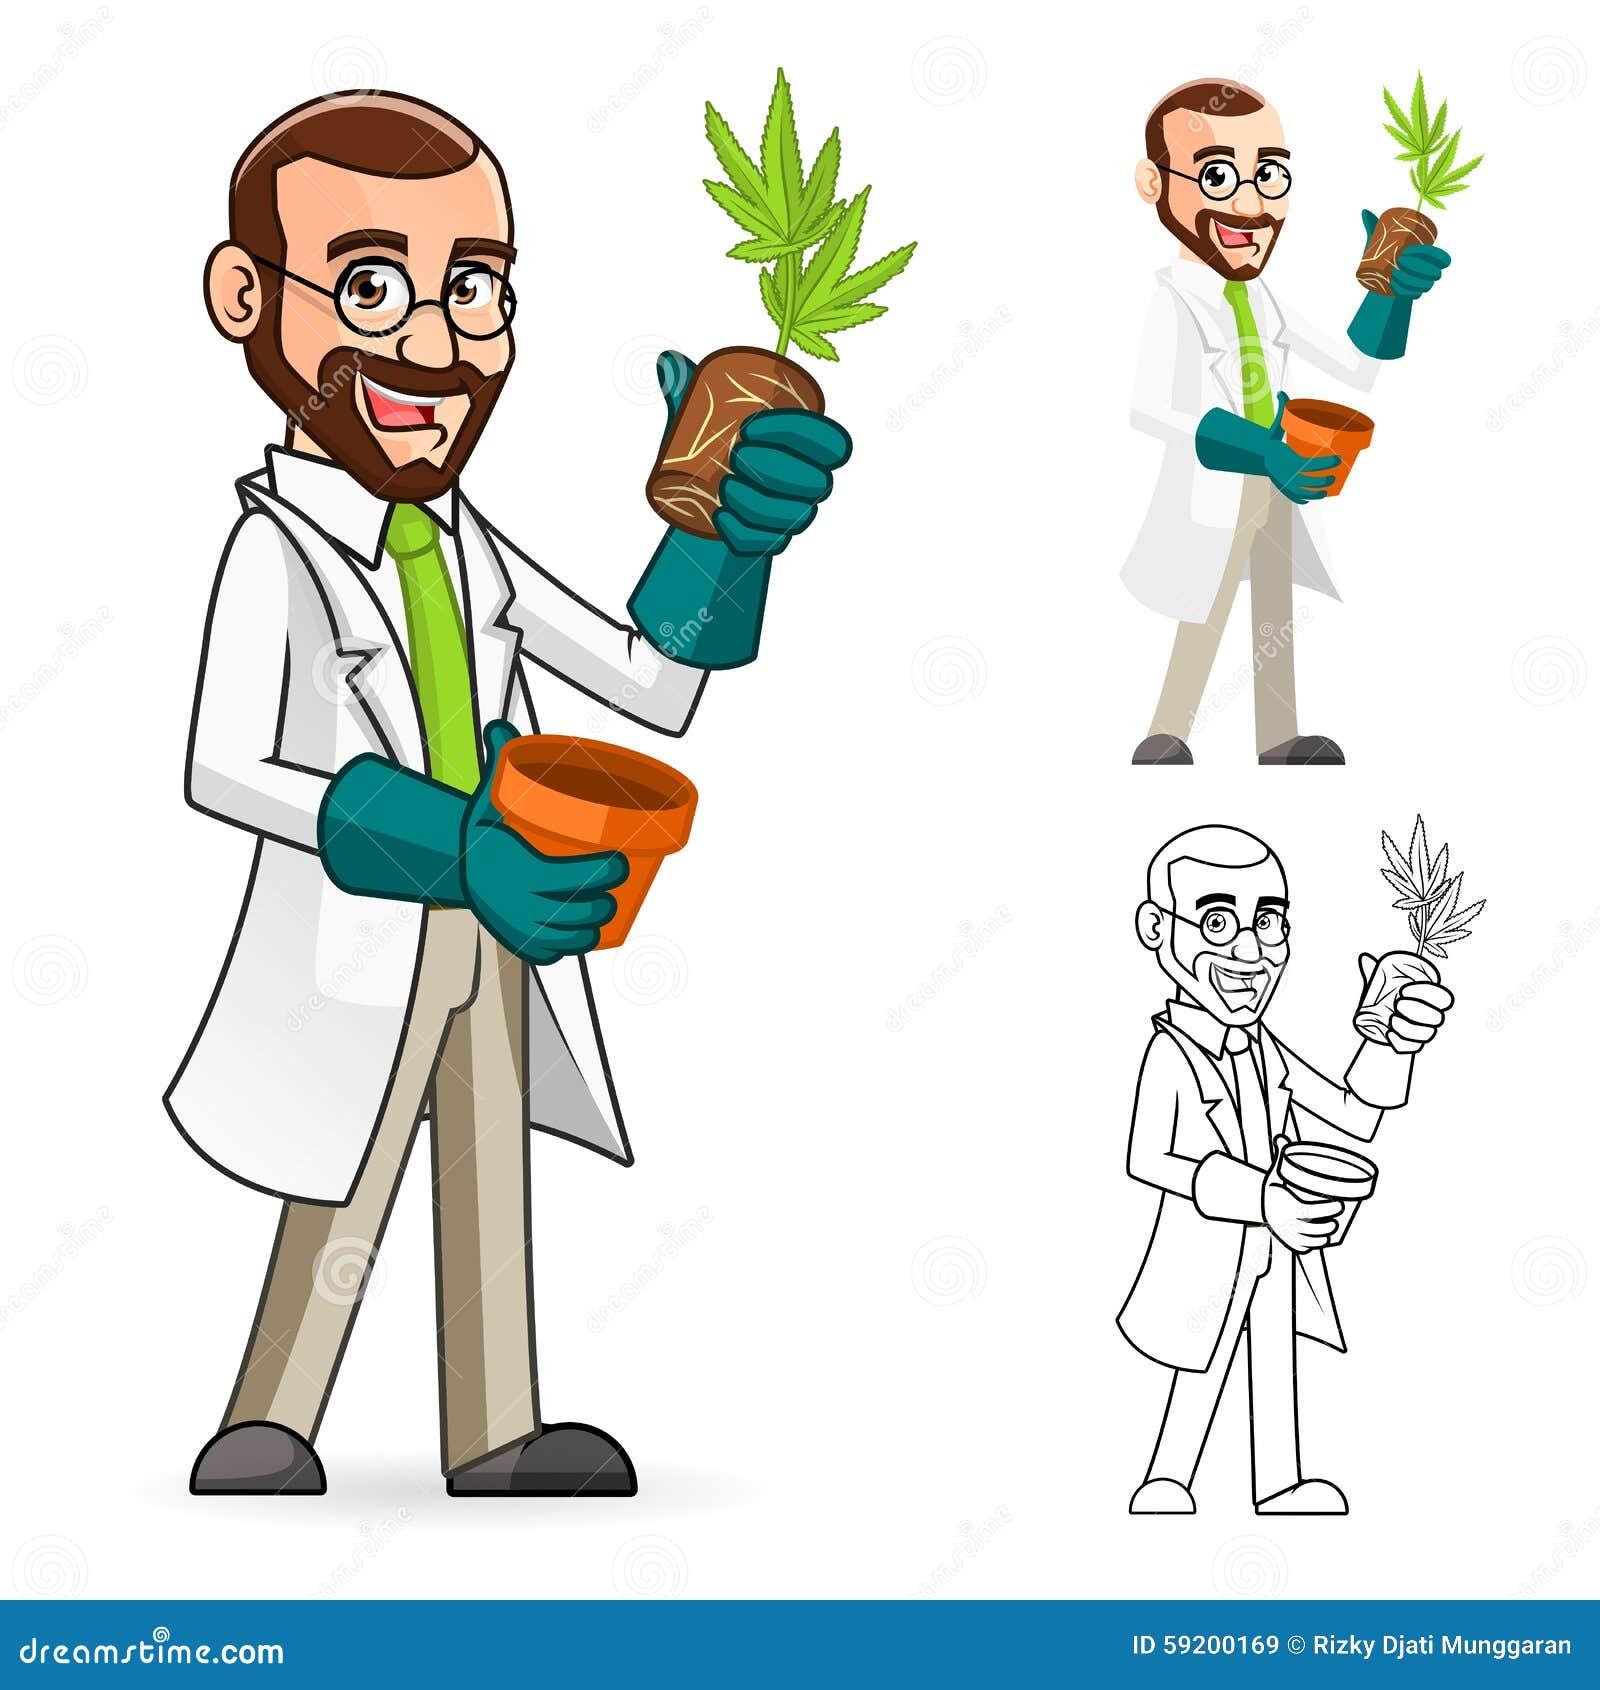 Installatiewetenschapper Cartoon Character Inspecting de Wortels van een Installatie